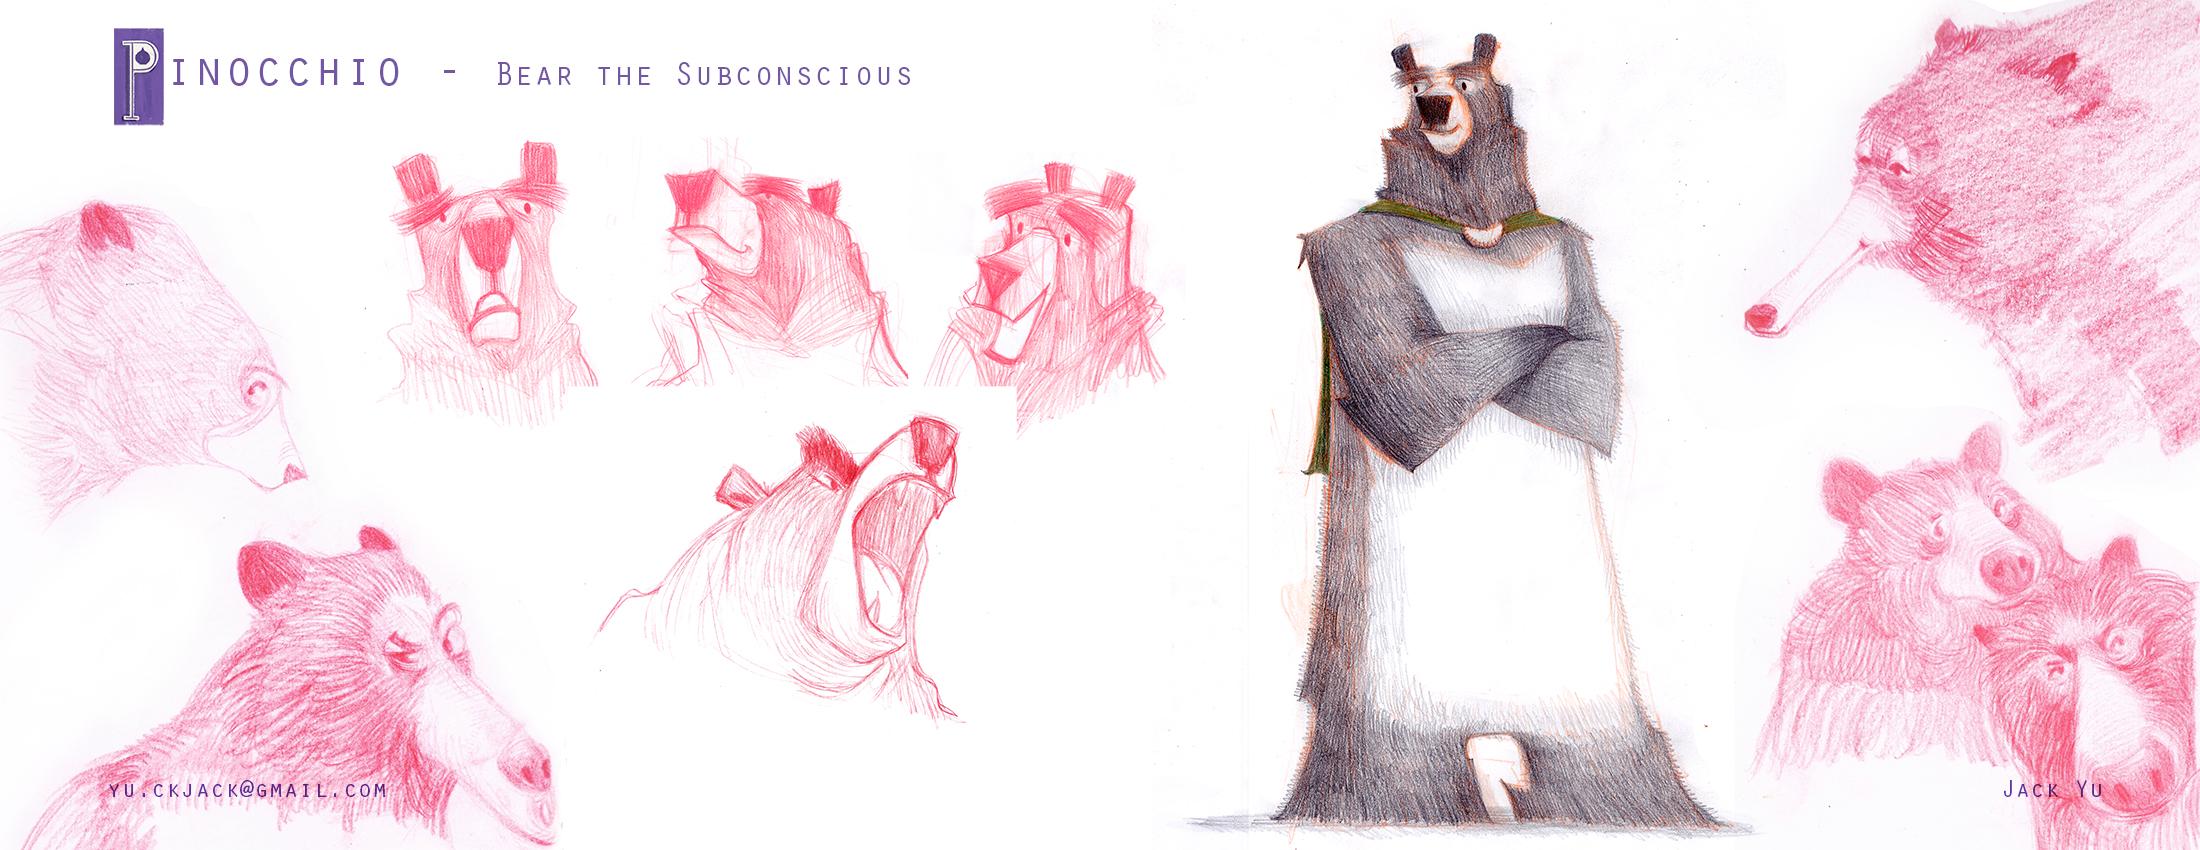 06_Pino_CHAR_Bear.jpg